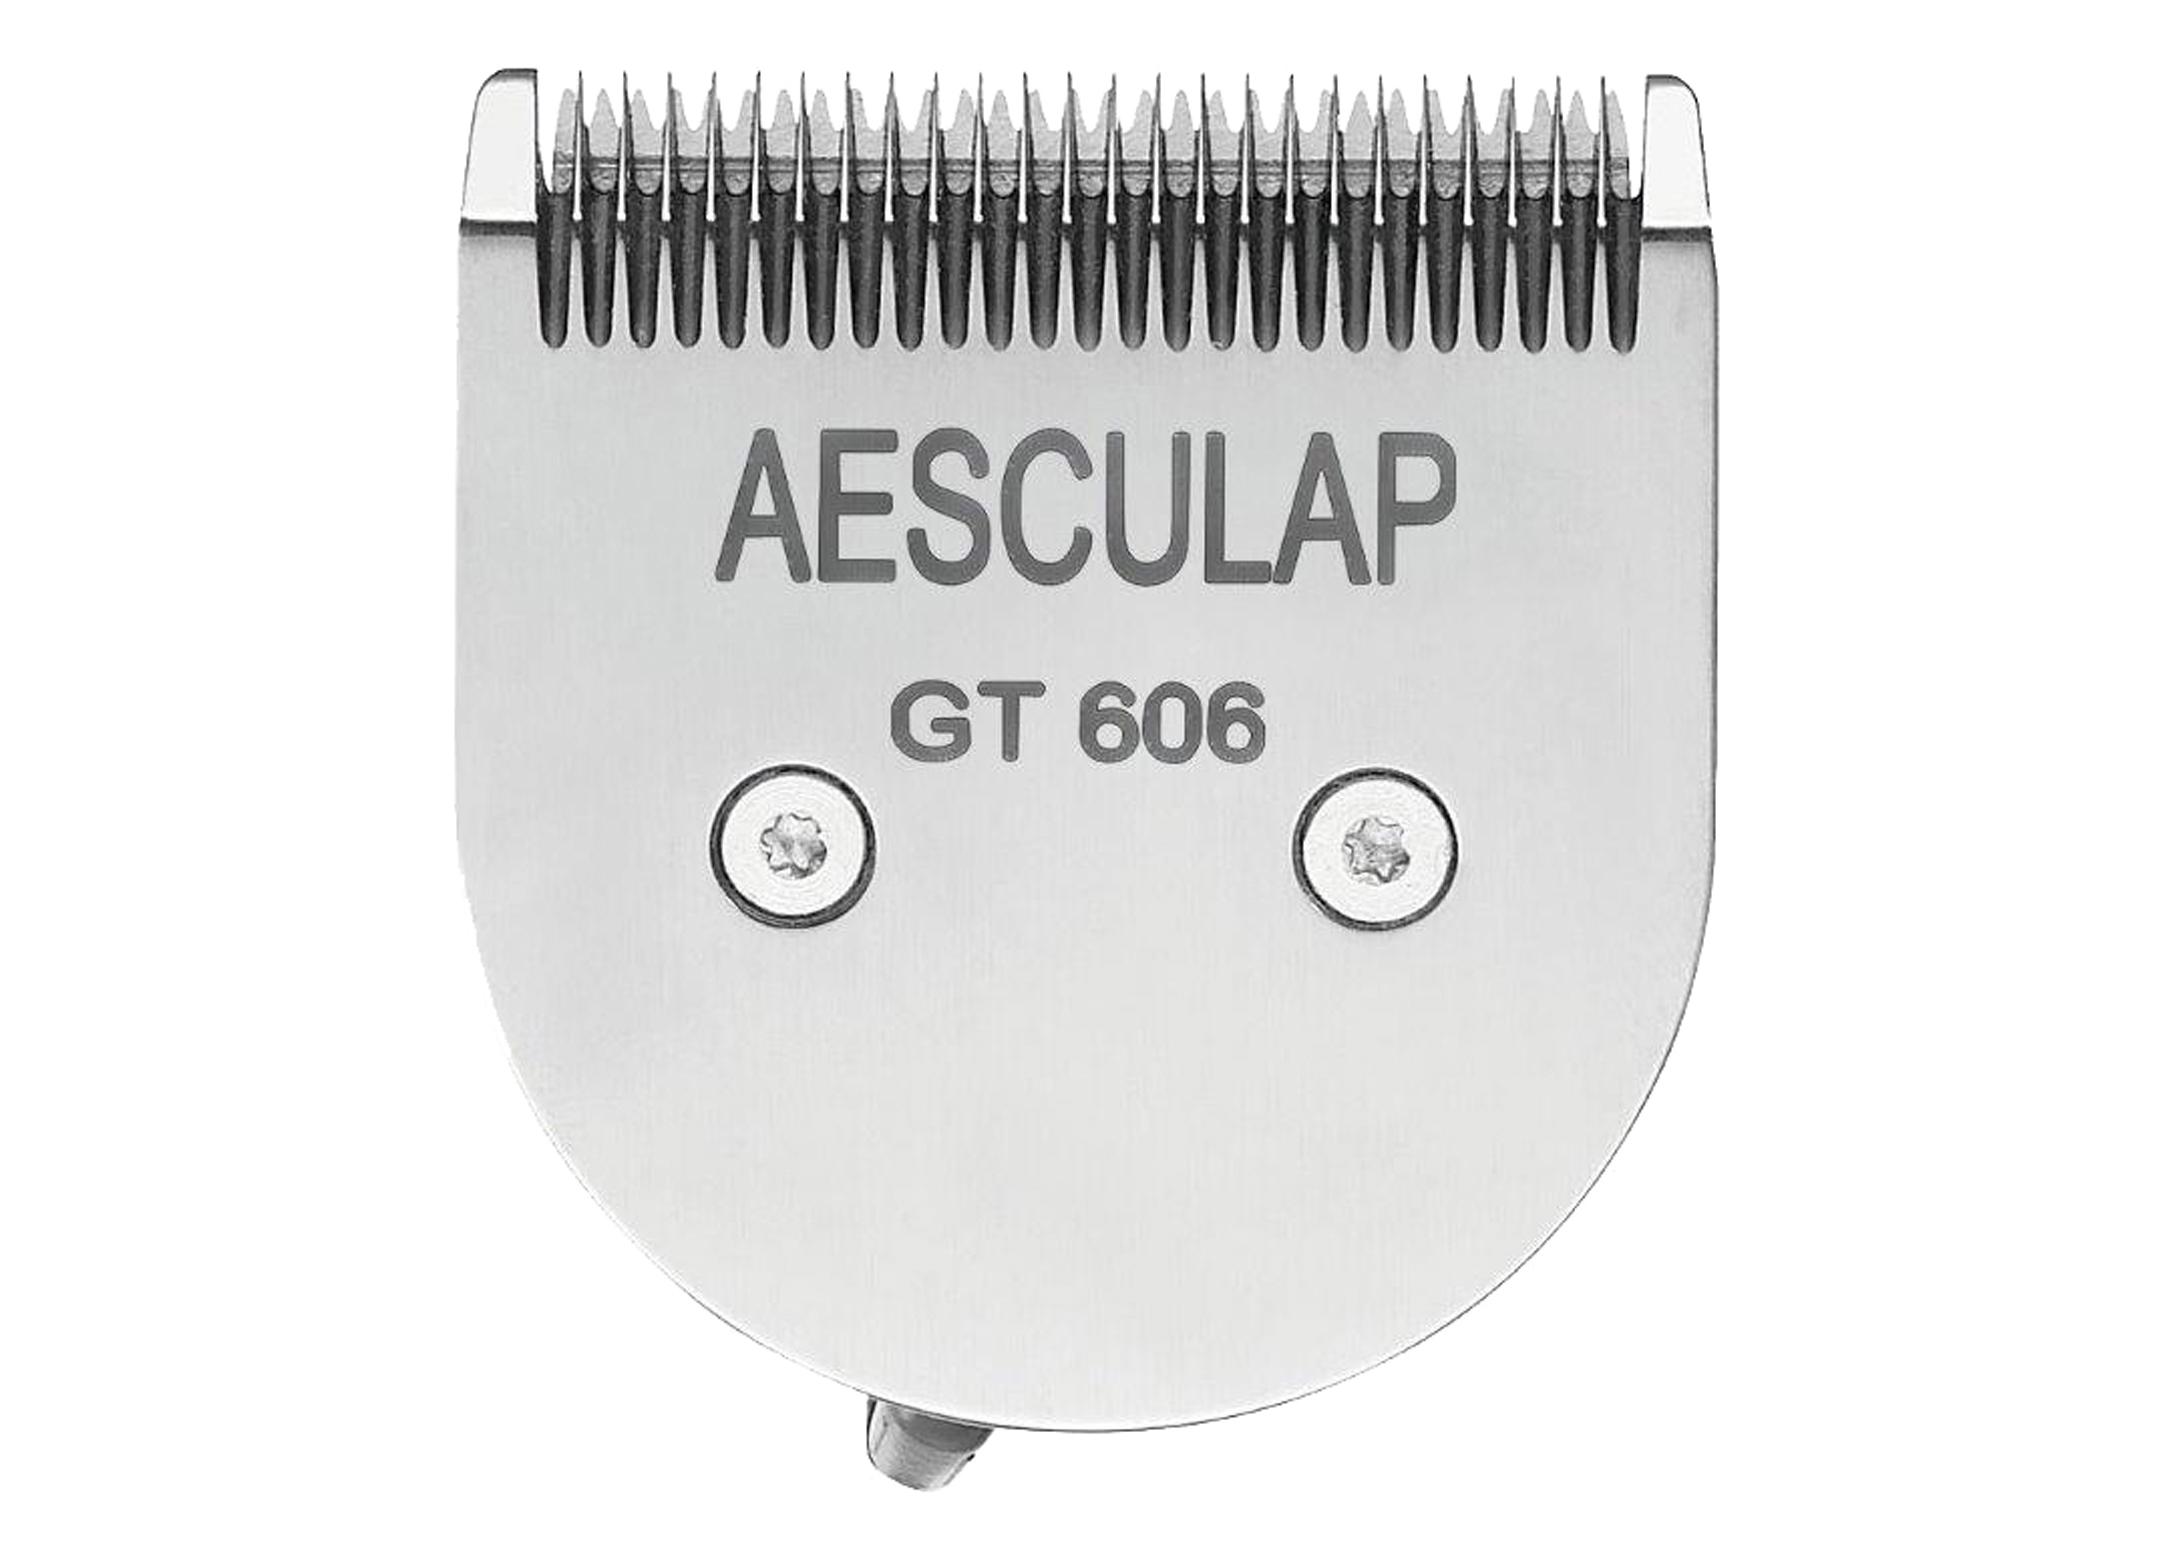 Aesculap Akkurata GT606 Replacement Blade